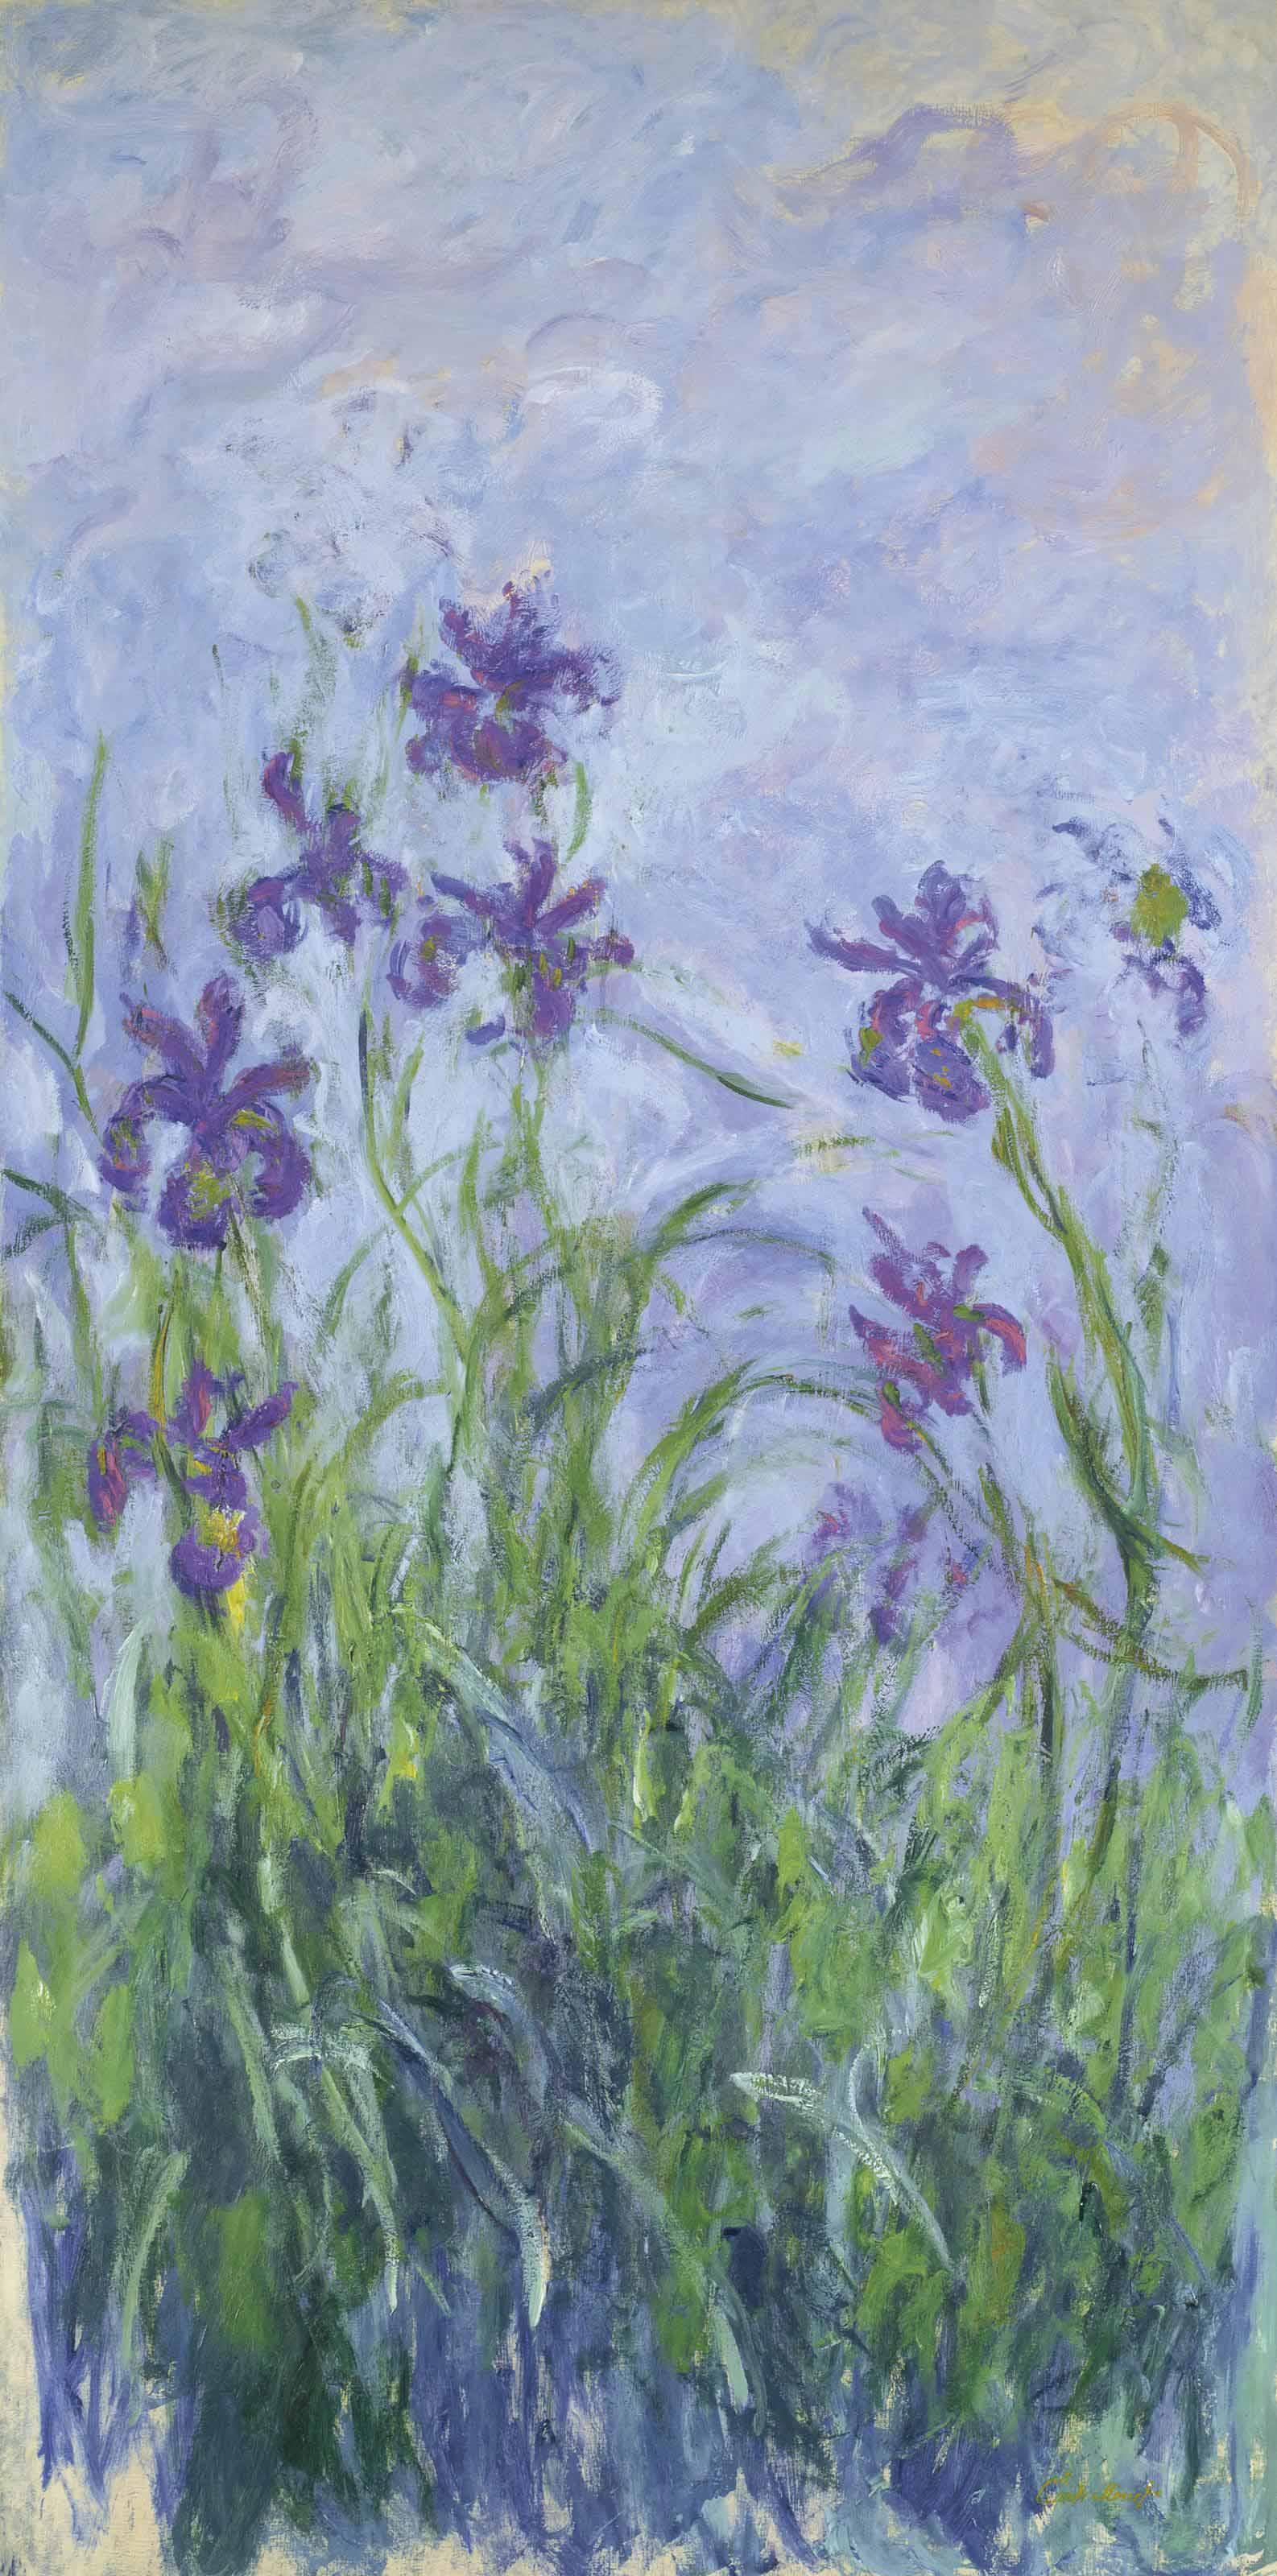 Audio: Claude Monet Lot 12